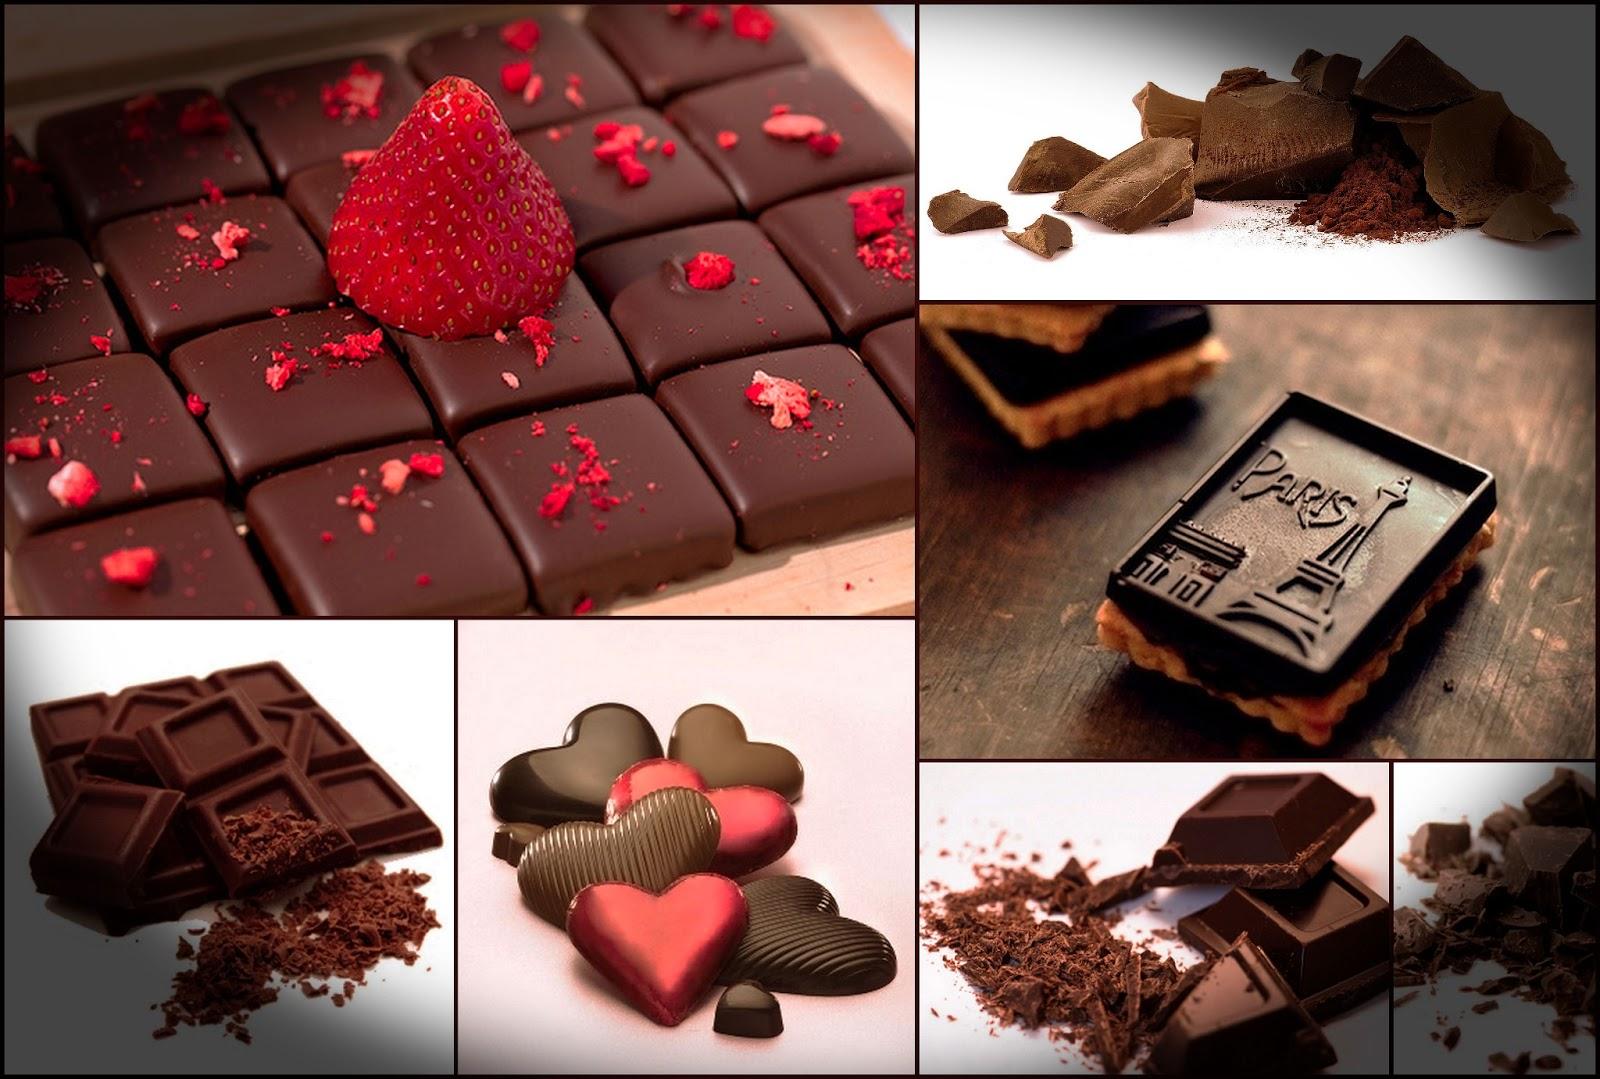 Bitter Çikolata Zayıflatır mı